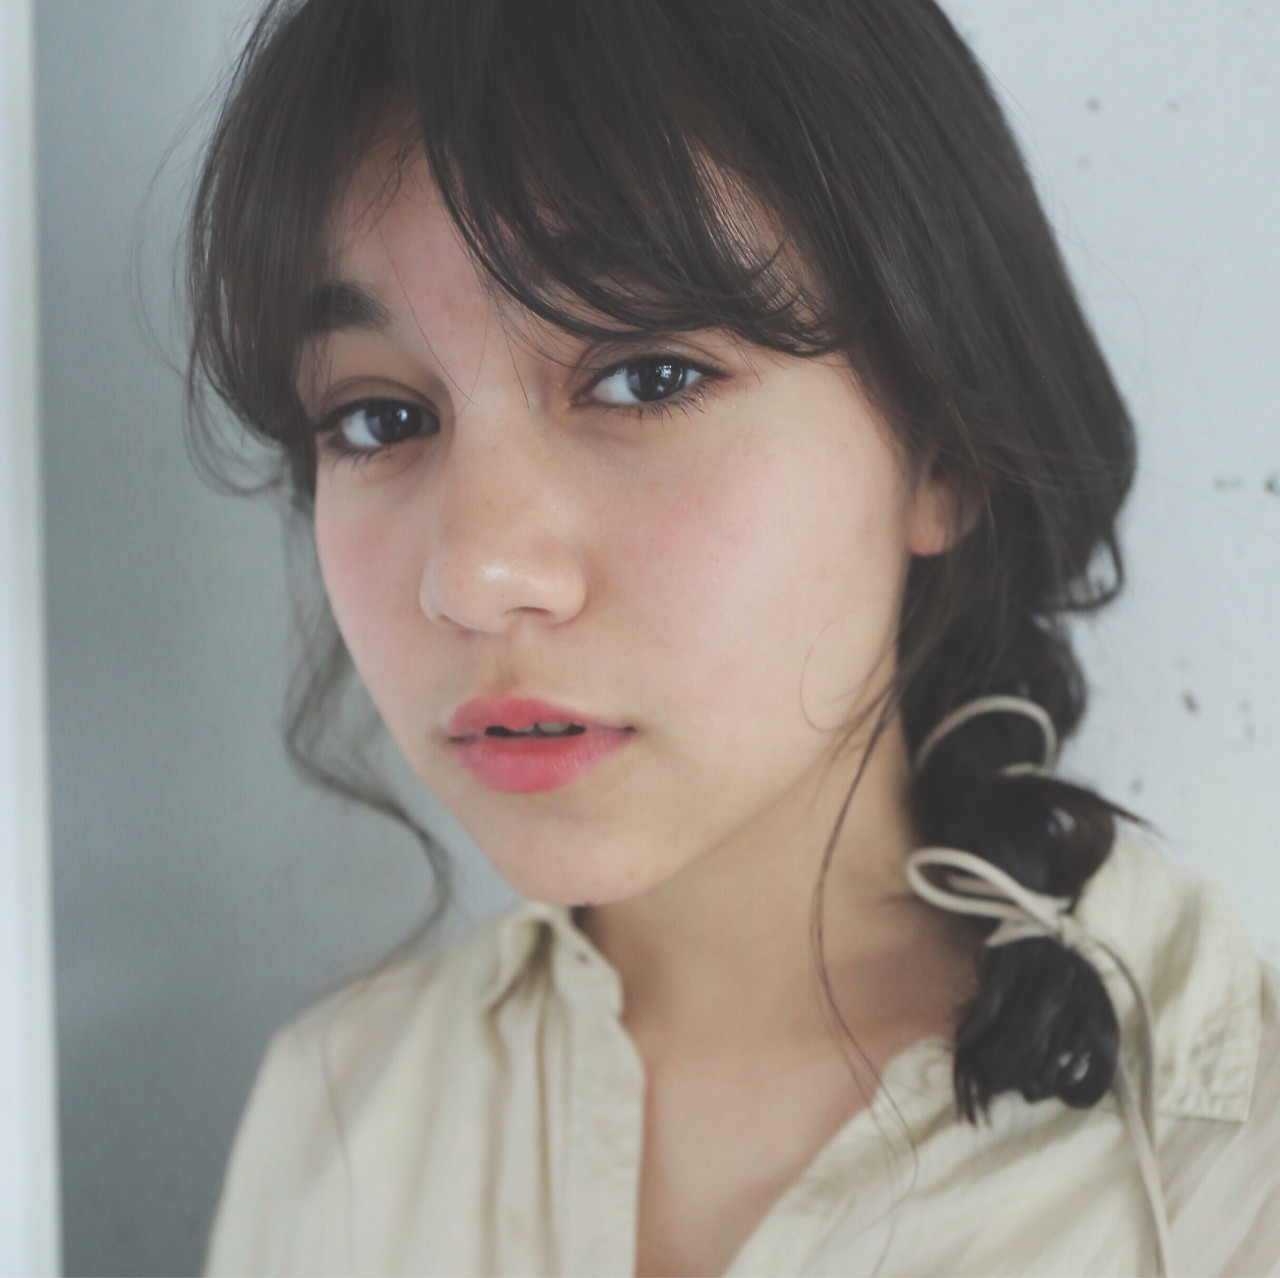 アンニュイ 黒髪 ナチュラル パーマ ヘアスタイルや髪型の写真・画像